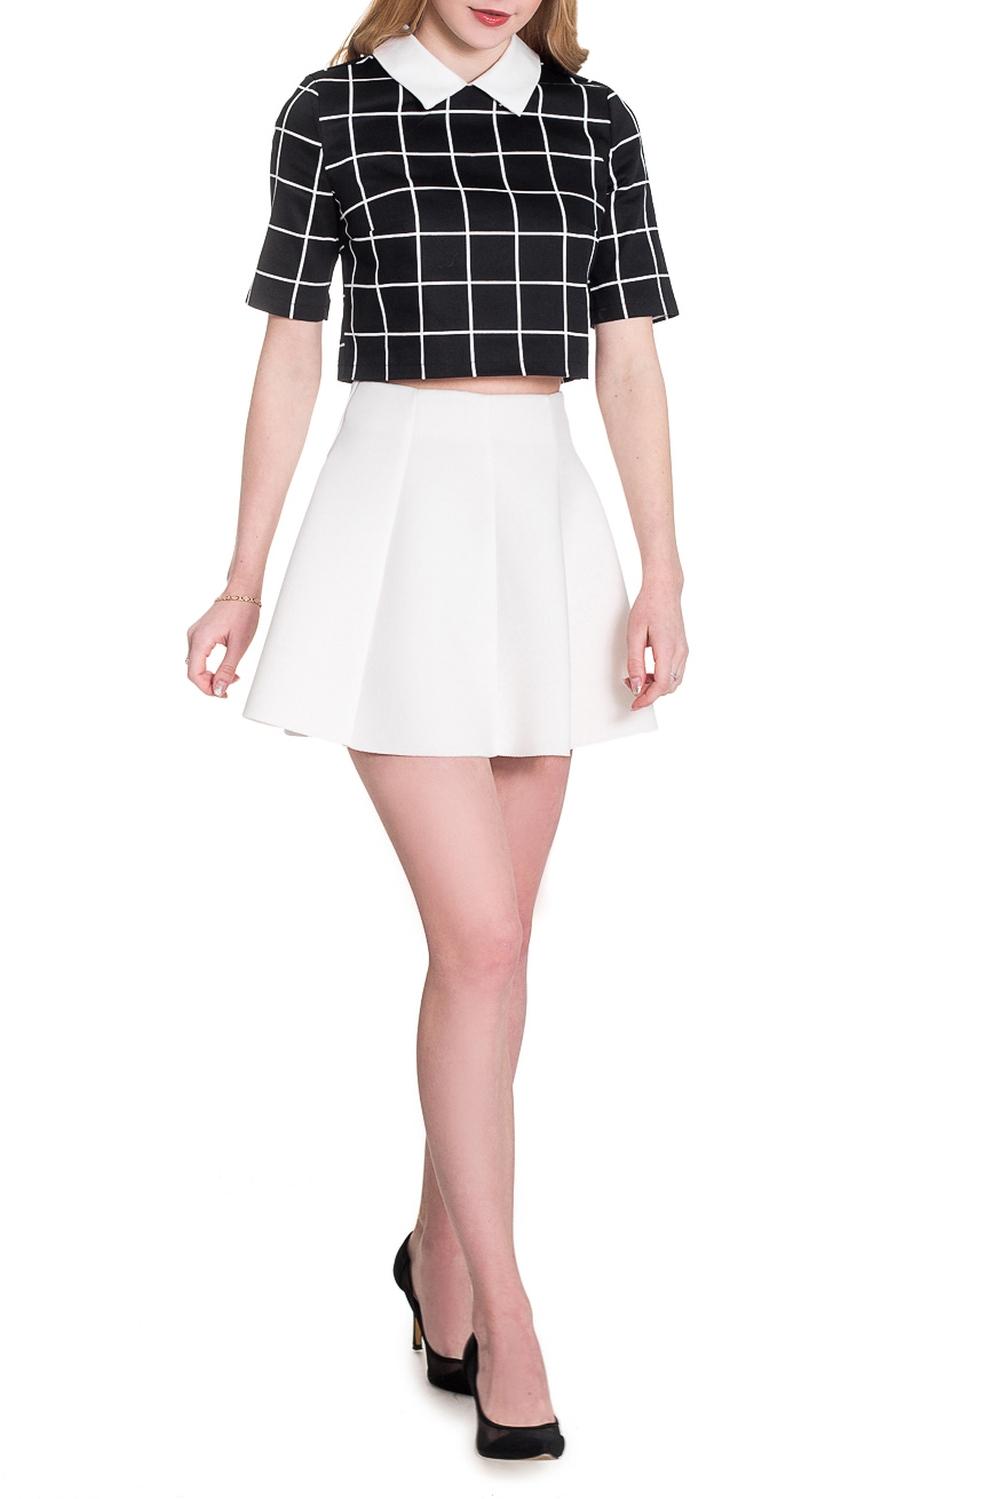 Комплект hustler seamless sheer mini dress розовый комплект из мини юбки и топа